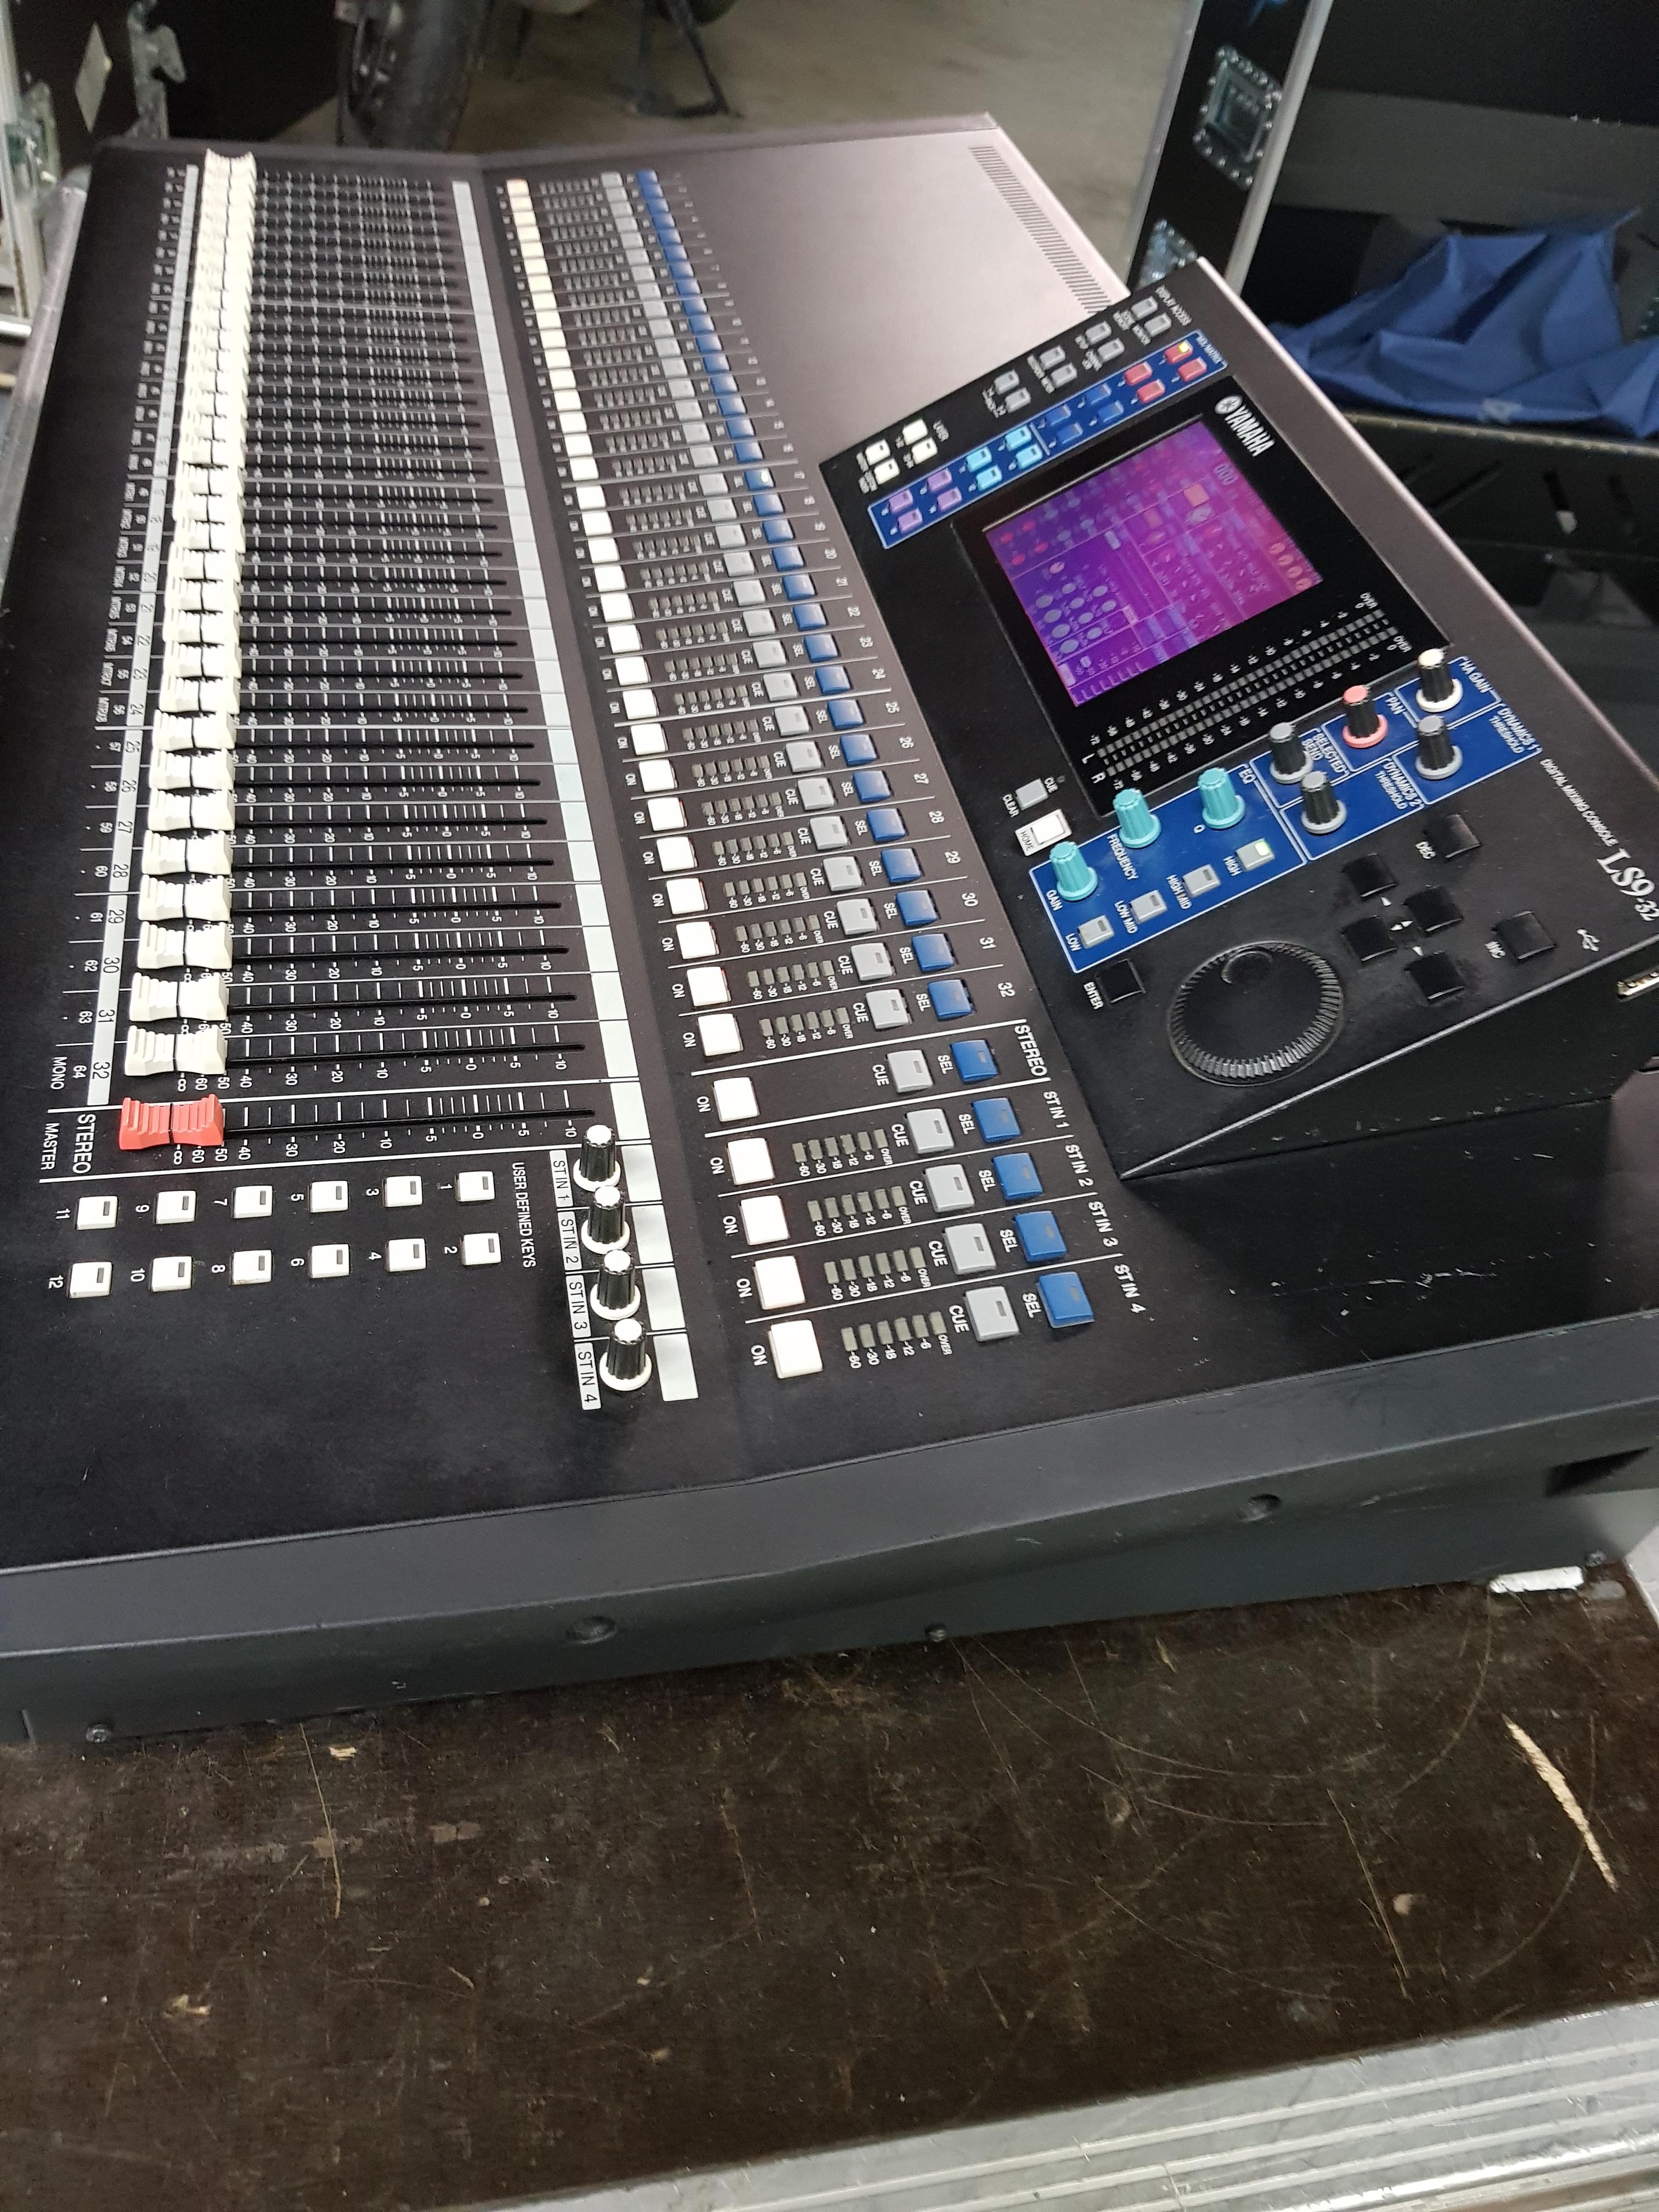 Vend table de mixage yamaha ls9 32 flight case a roulette ile de france audiofanzine for Table yamaha